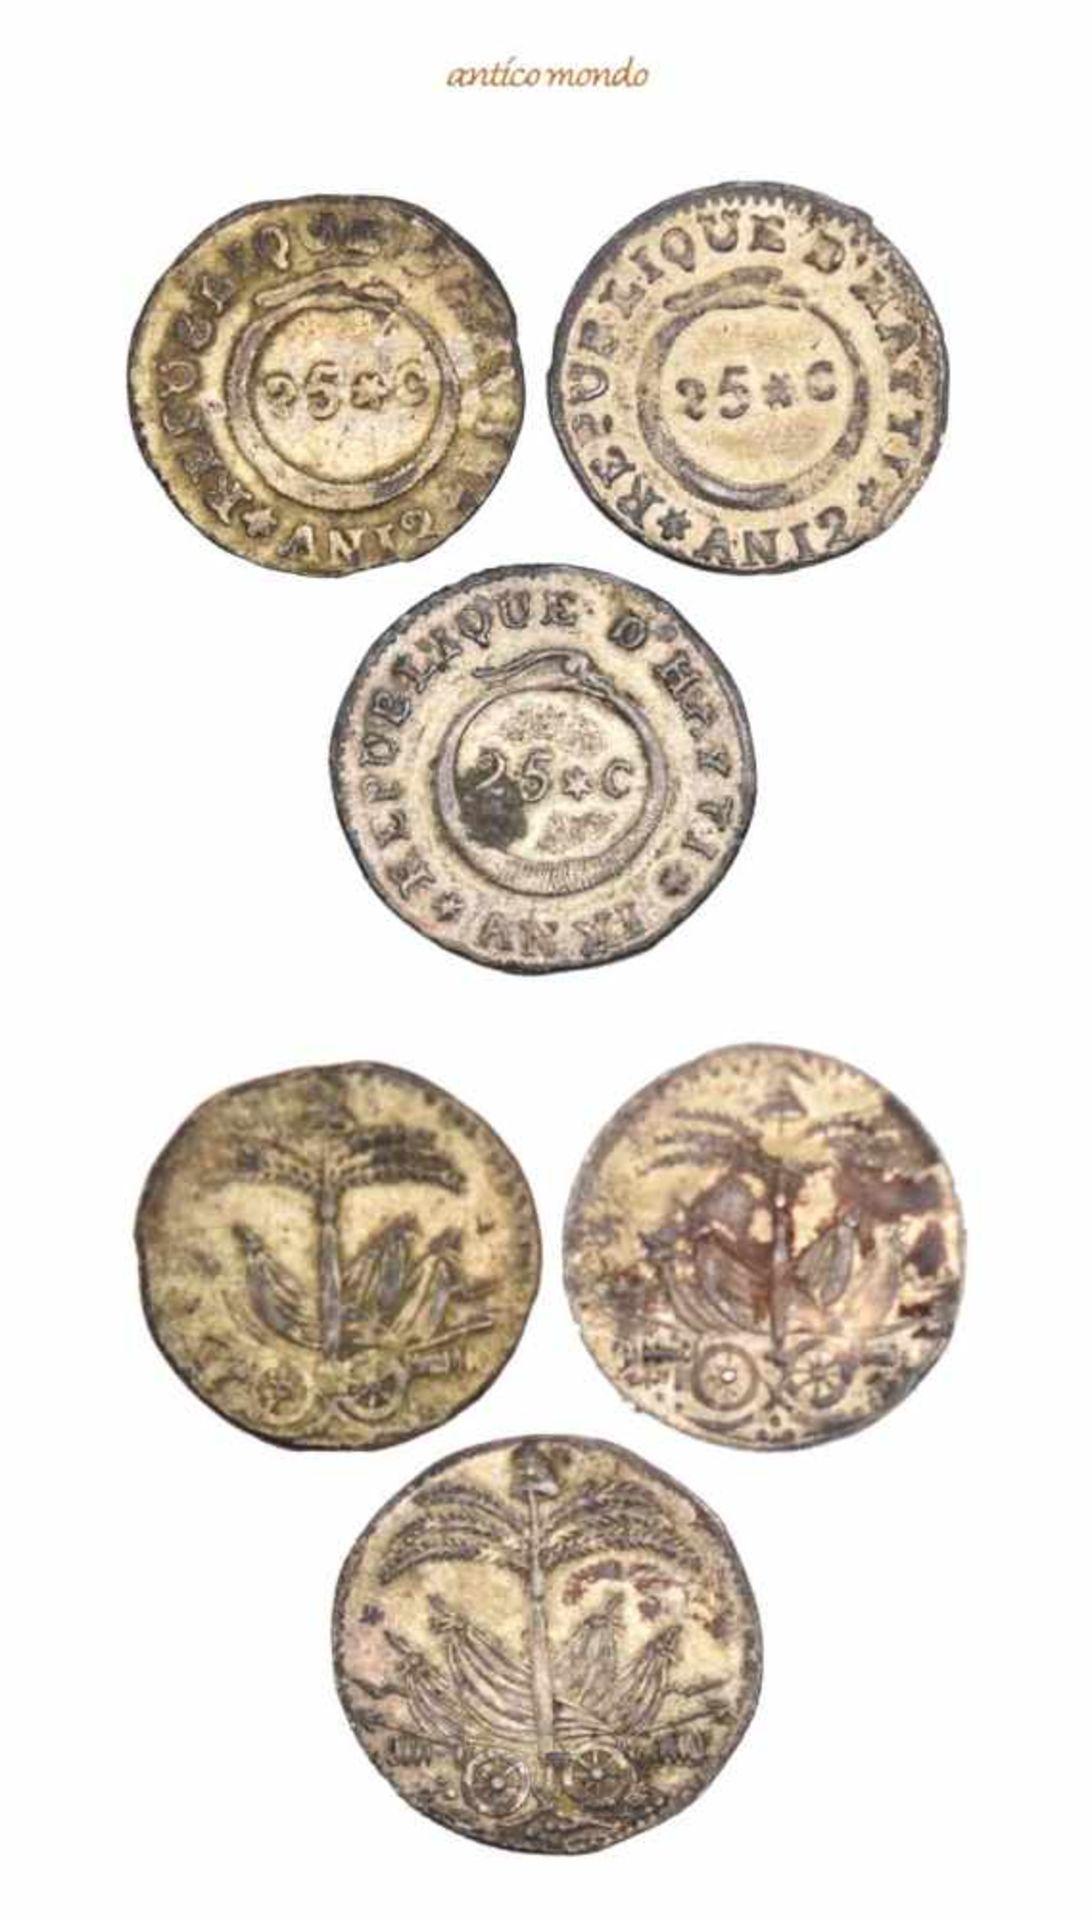 Haiti, Republik, 25 Centimes, 1814, 1815 (2x), sehr schön-vorzüglich, 3 Stück- - -21.50 % buyer's